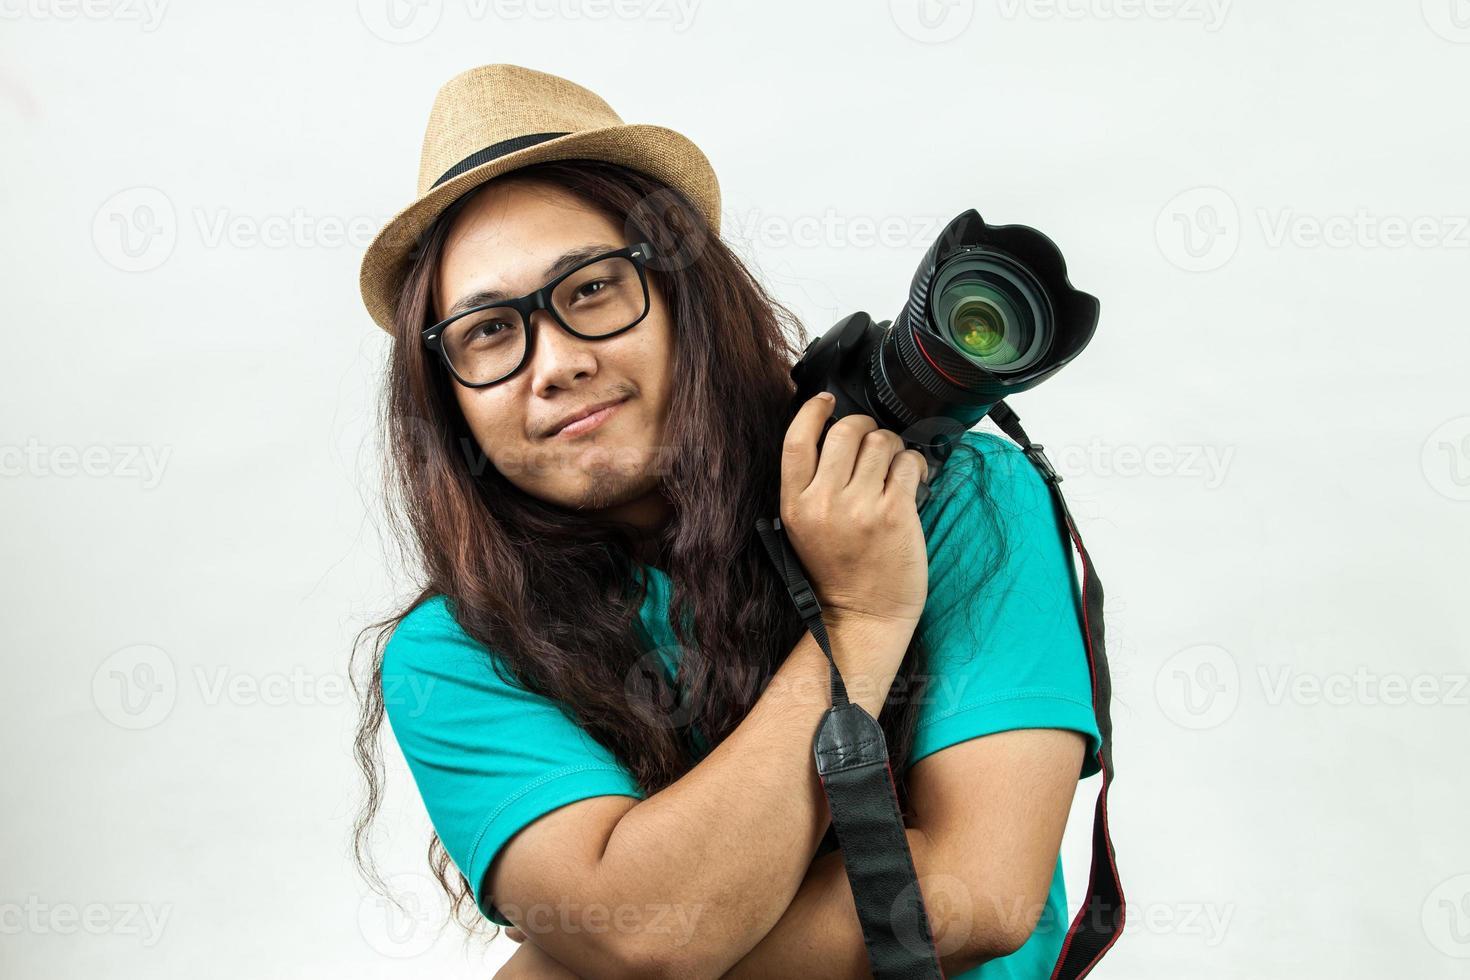 fotografo asiatico foto